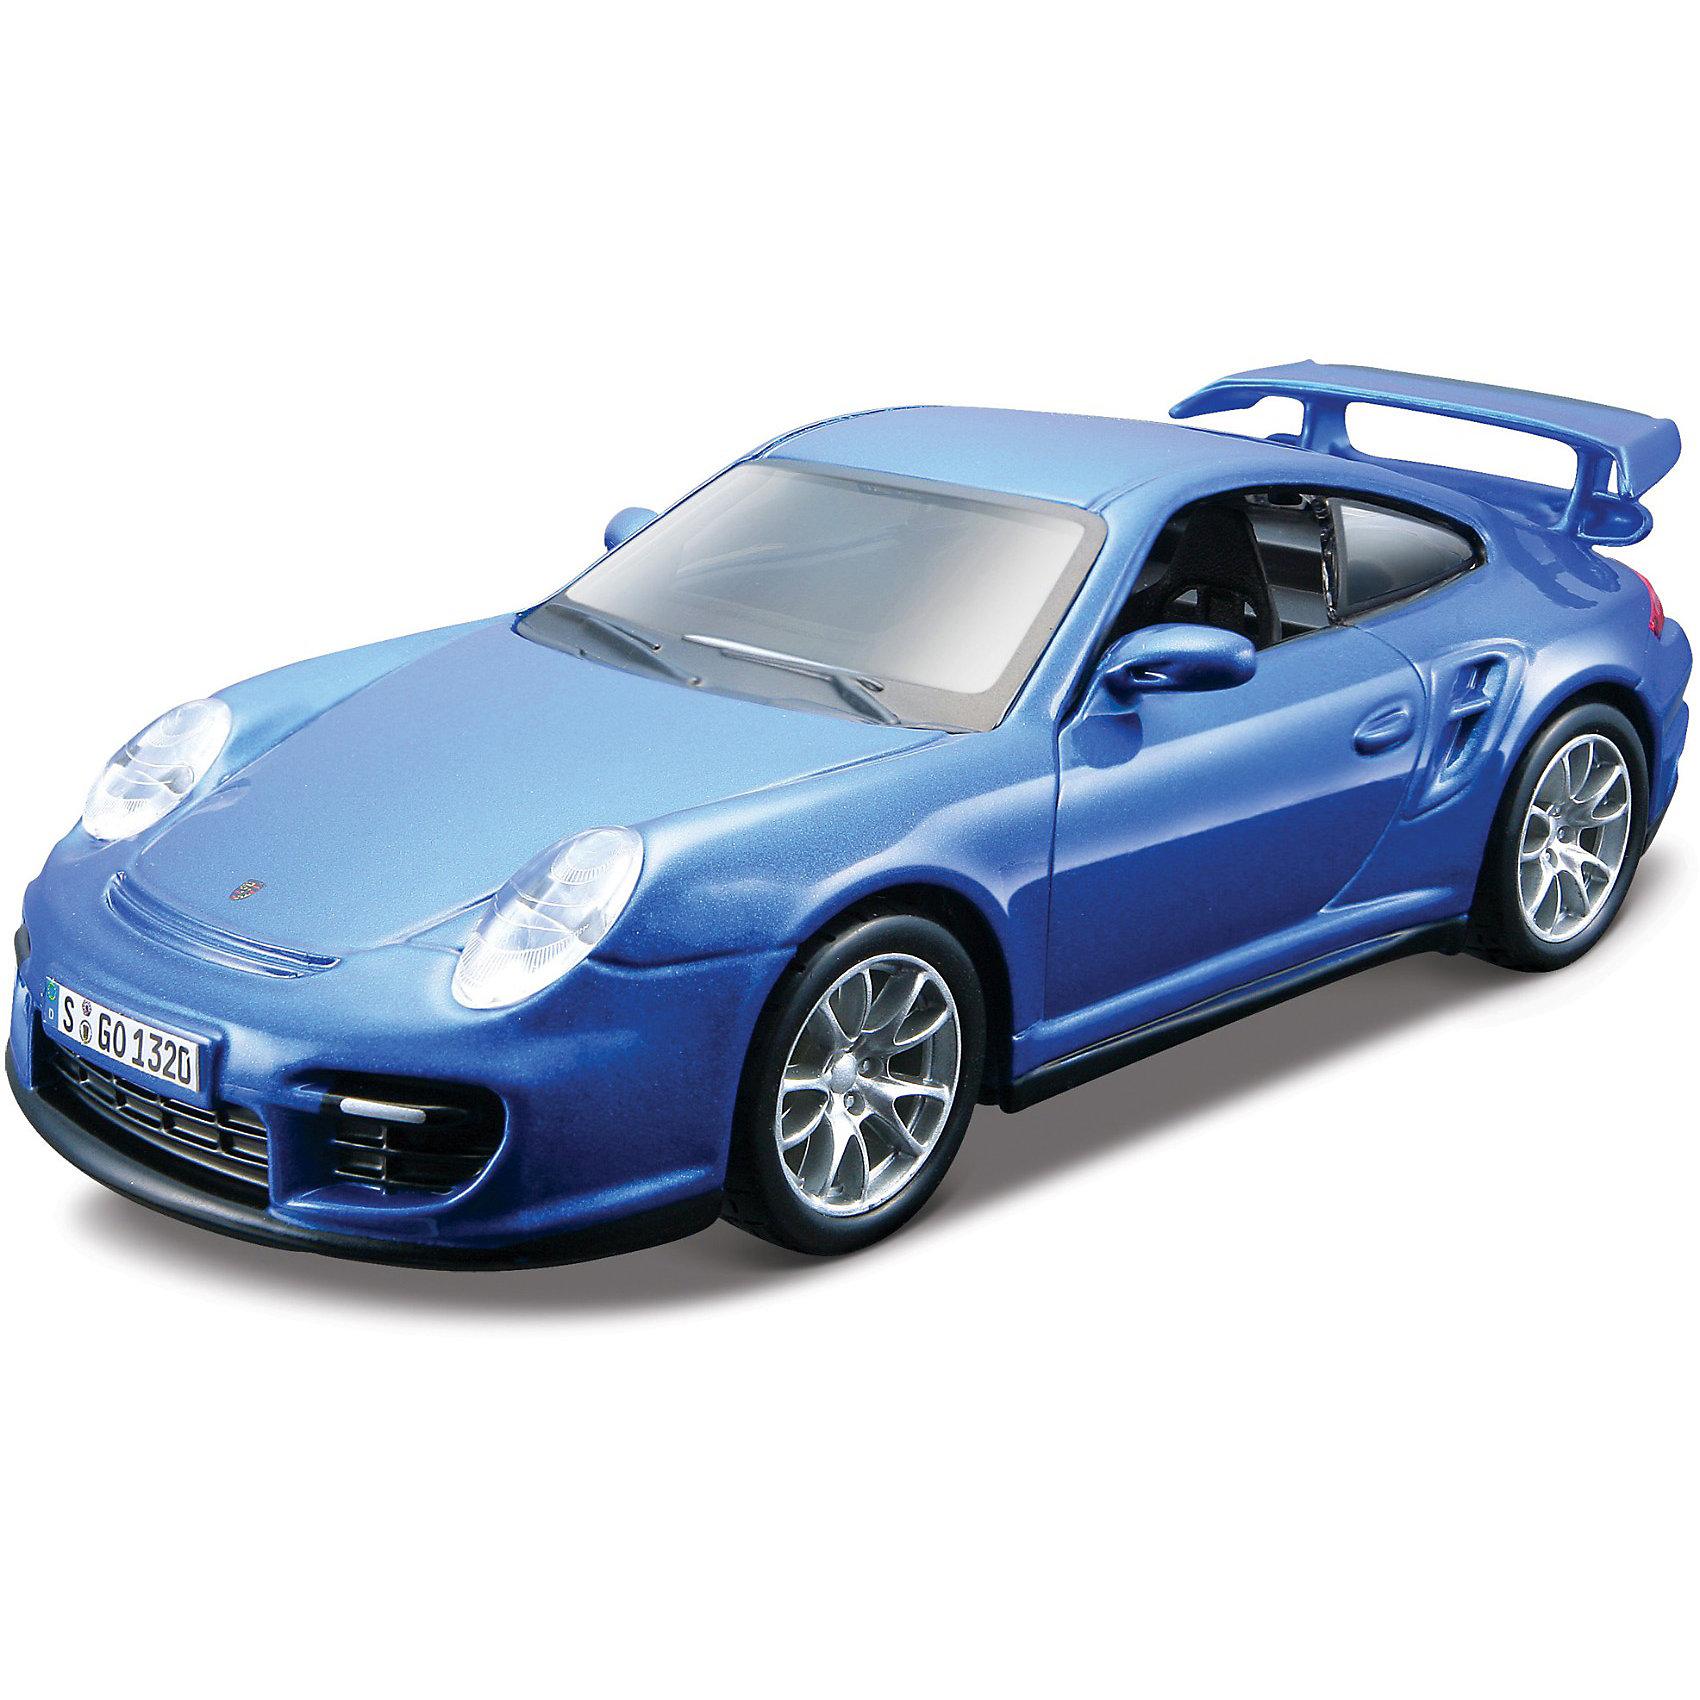 Машина  Porsche 911 GT2 металл.,сборка, 1:32,BburagoМашина  Porsche 911 GT2 металл.,сборка, 1:32,Bburago (Бураго)<br>Компания Bburago – мировой лидер в производстве коллекционных  моделей автомобилей.  <br>Более 30 лет профессиональные дизайнеры Bburago разрабатывают точные копии современных машин и ретро машин известных марок.  <br><br>Porsche 911 – спортивный легковой автомобиль производства немецкой компании Porsche AG в кузове двухдверное купе или кабриолет на его основе, в разных поколениях производящегося с 1964 года по наши дни.<br>Коллекционная модель Porsche 911 GT2 Bburago очень точно повторяет детали настоящего автомобиля.<br> <br>Функциональность игрушки: <br><br>- Собирается с помощью отвертки.<br>- Двери и капот открываются, руль вращается.<br><br>В процессе сборки маленького автомобиля и  игры в него ребенок развивает координацию движений и меткость, пространственное и образное мышление, воображение, мелкую моторику.  <br><br>С мини-модельками автомобилей Bburago игра станет настолько увлекательной, что оторваться будет невозможно!<br><br>Дополнительная информация:<br><br>- Размеры упаковки: 19 х 7 х 14,5 см<br>- Вес: 0,3 кг<br><br>Игрушку Машина  Porsche 911 GT2 металл.,сборка, 1:32,Bburago можно купить в нашем интернет-магазине.<br><br>Ширина мм: 90<br>Глубина мм: 150<br>Высота мм: 70<br>Вес г: 350<br>Возраст от месяцев: 144<br>Возраст до месяцев: 1164<br>Пол: Мужской<br>Возраст: Детский<br>SKU: 3369444